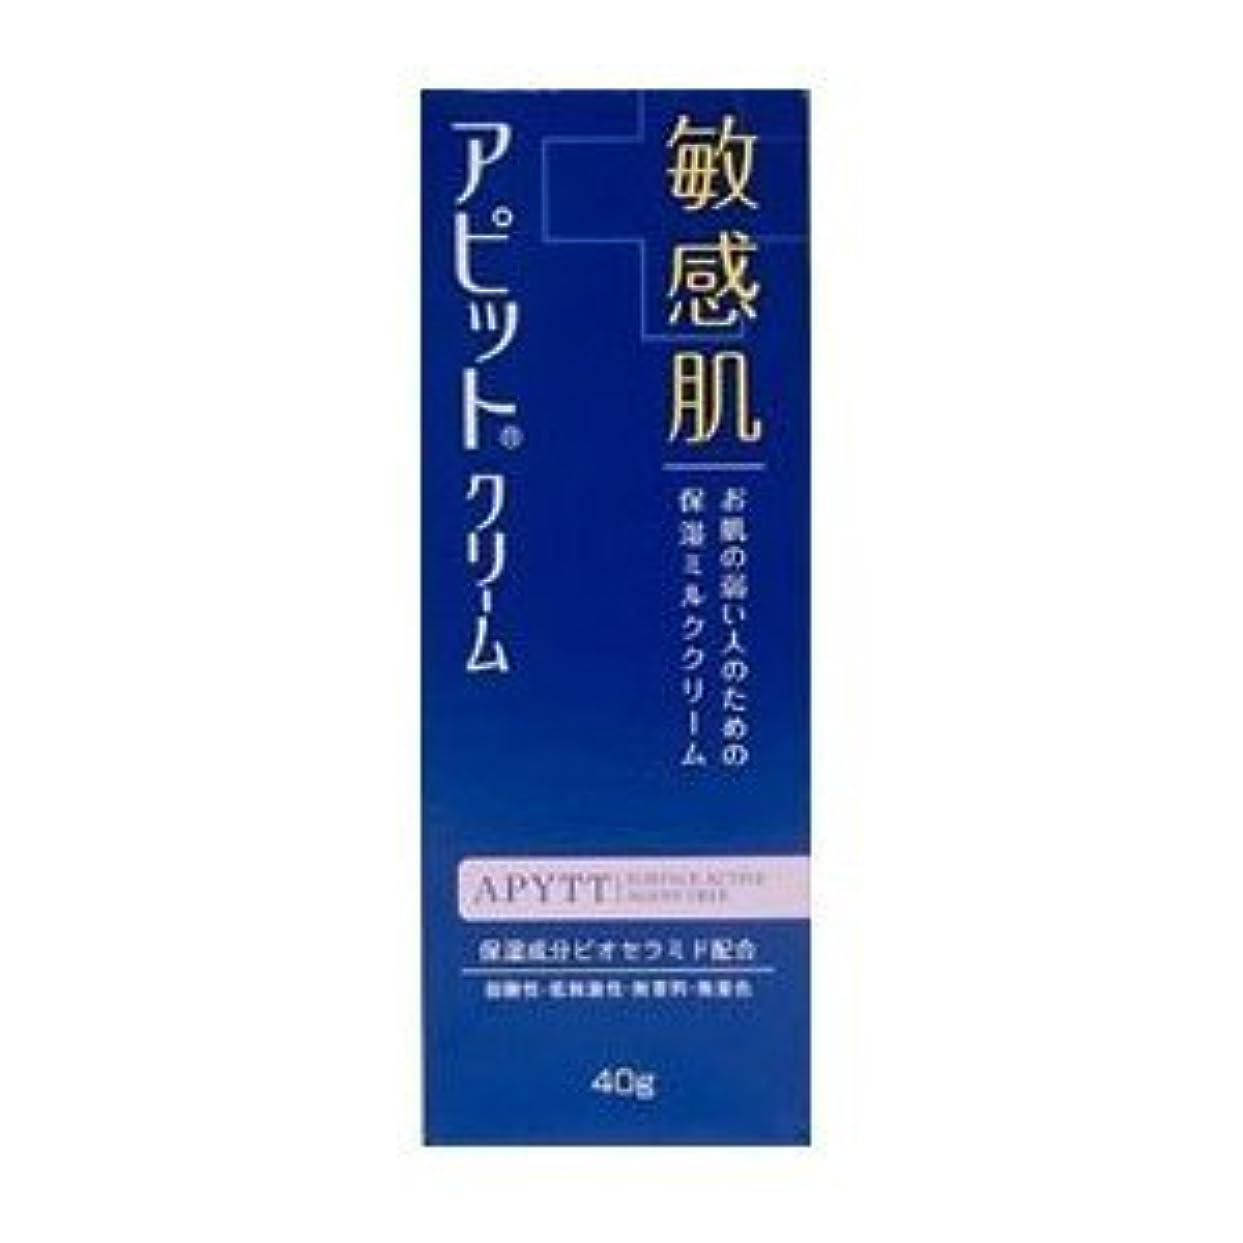 道徳やるトランスペアレント全薬工業 アピットクリーム 40g×3個セット (医薬部外品)